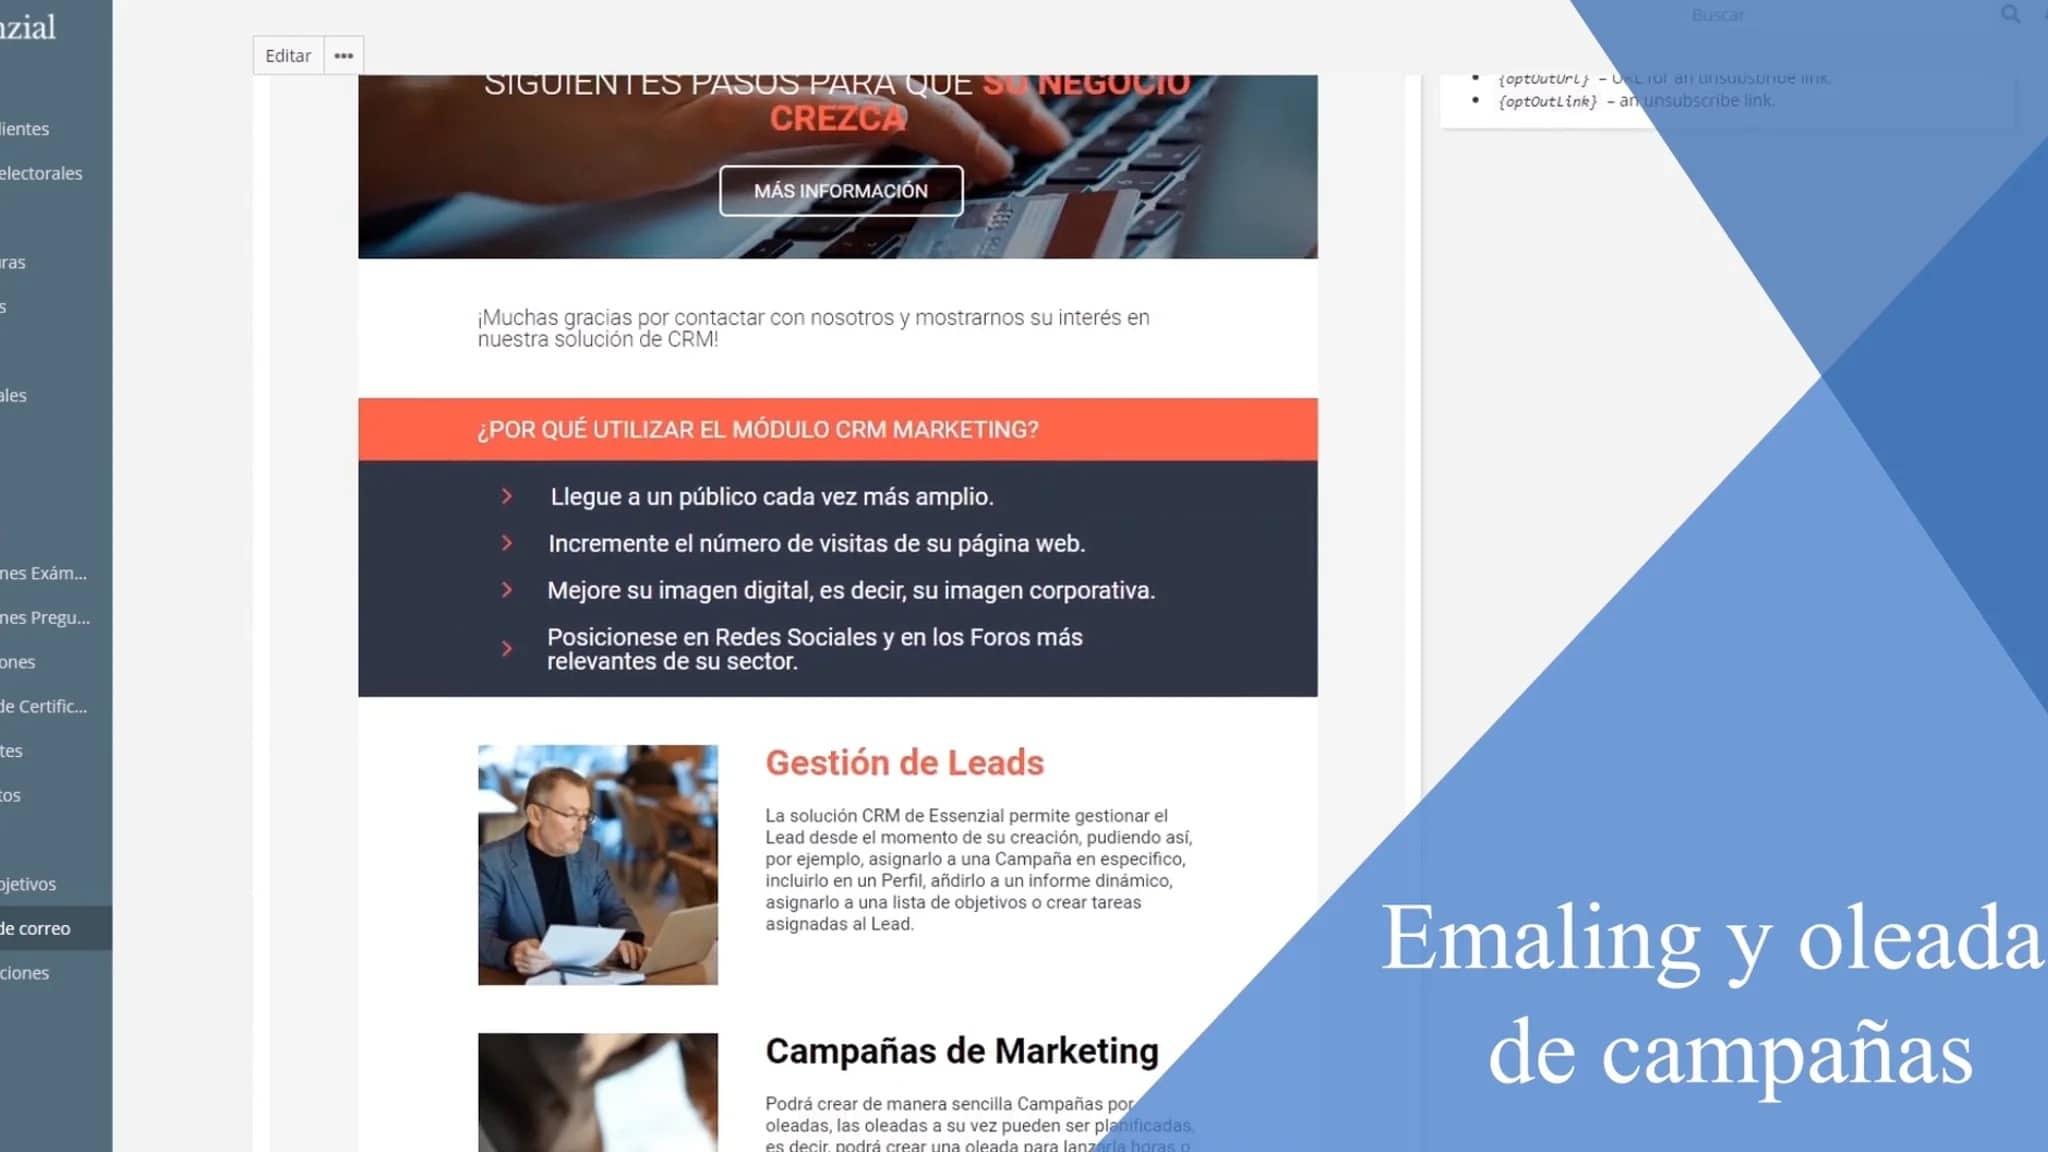 essenzial-video-marketing-online